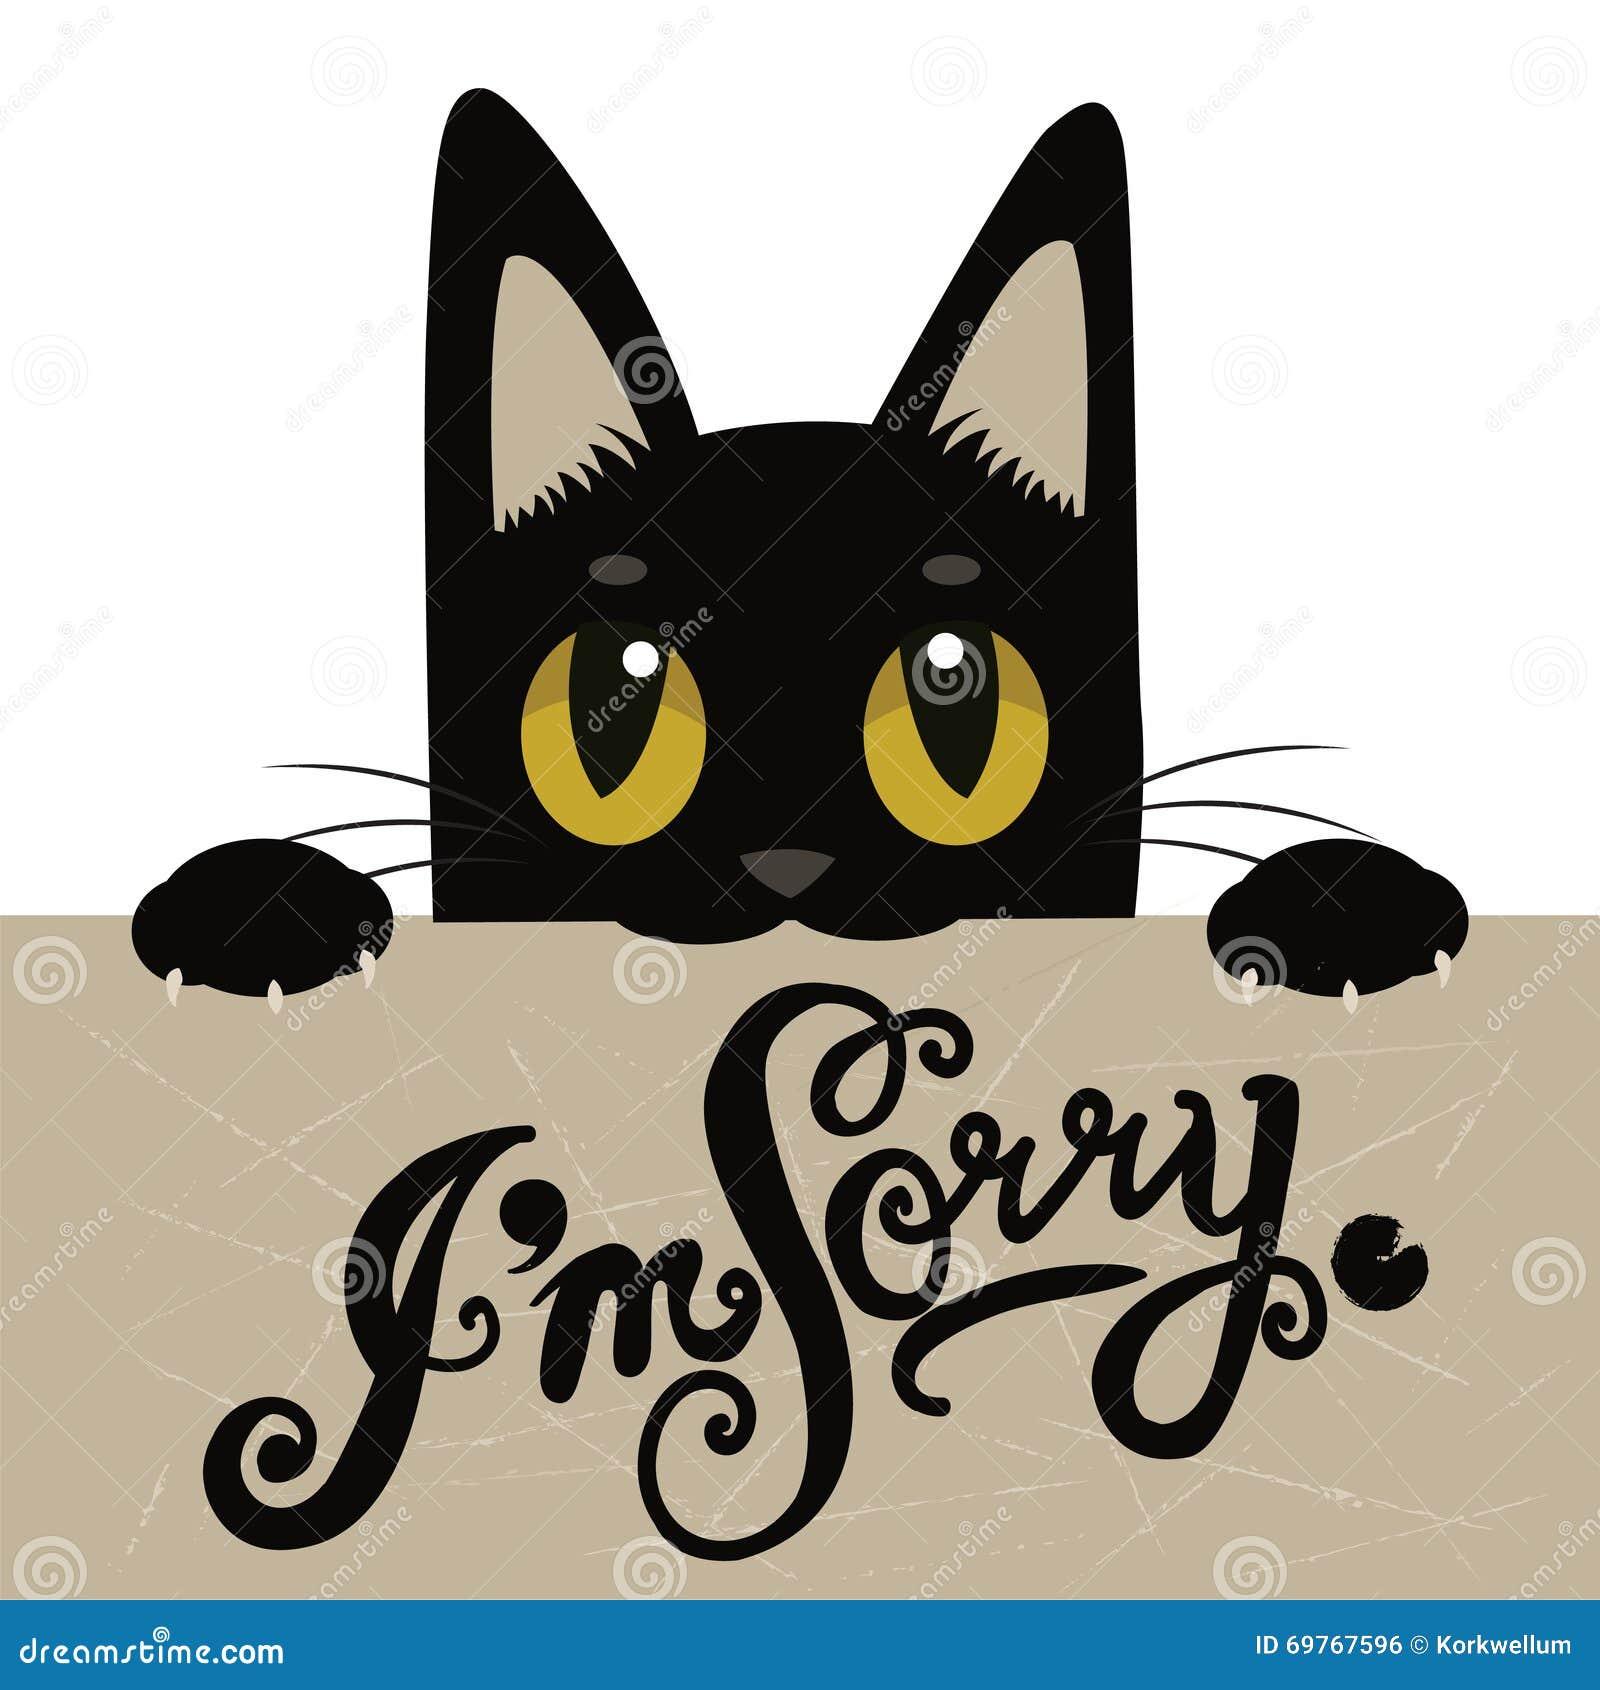 cat-holding-nera-sveglia-un-forum-con-il